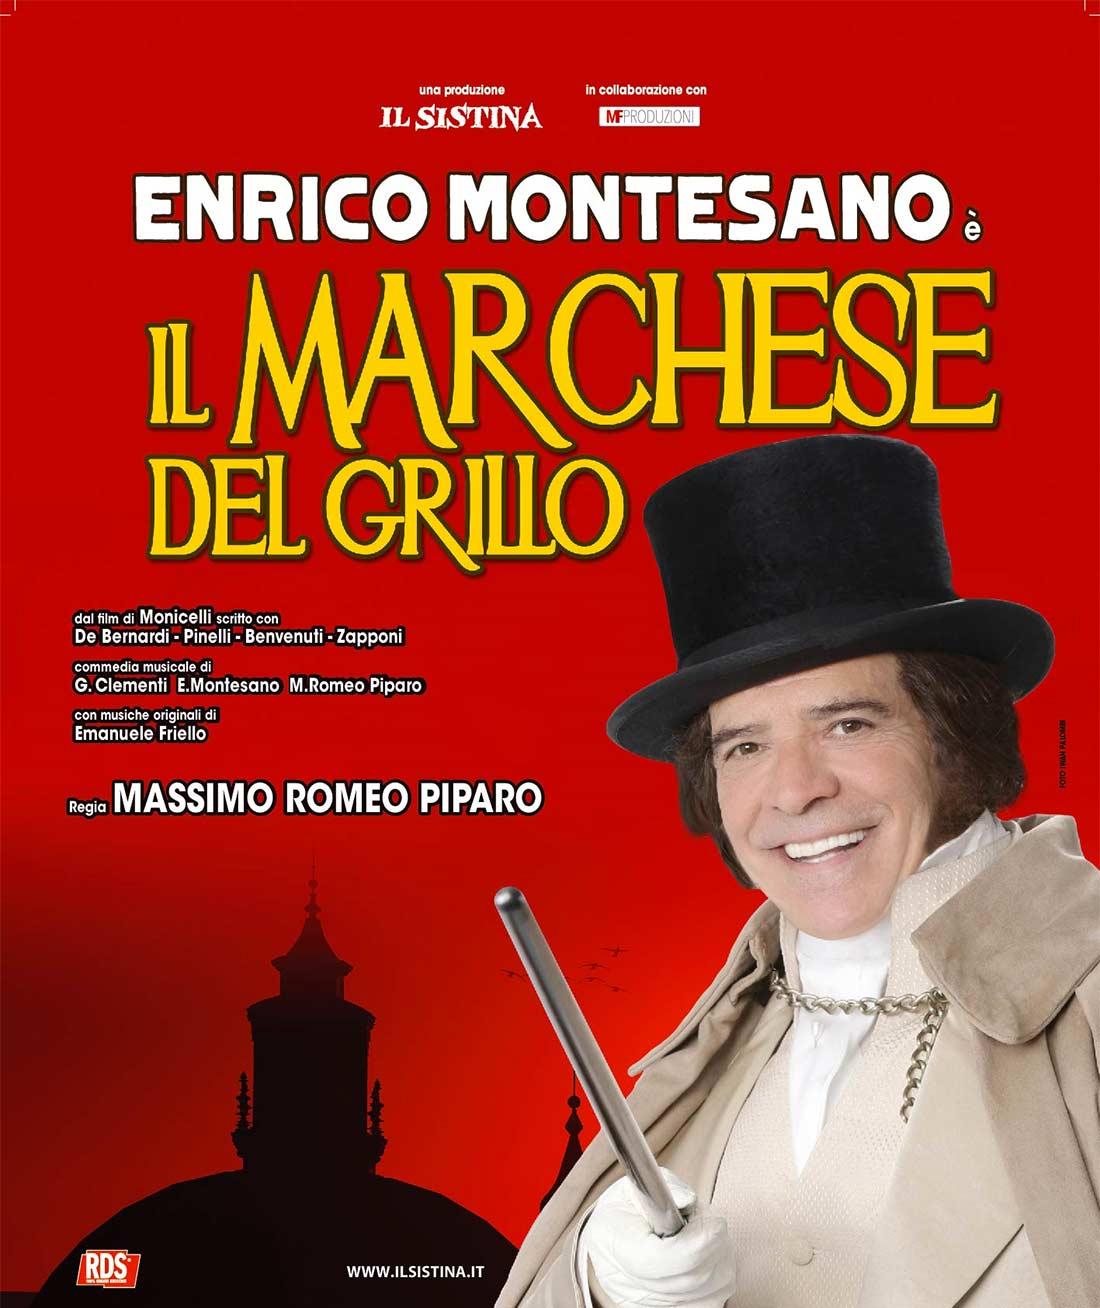 locandine-il-marchese-del-grillo